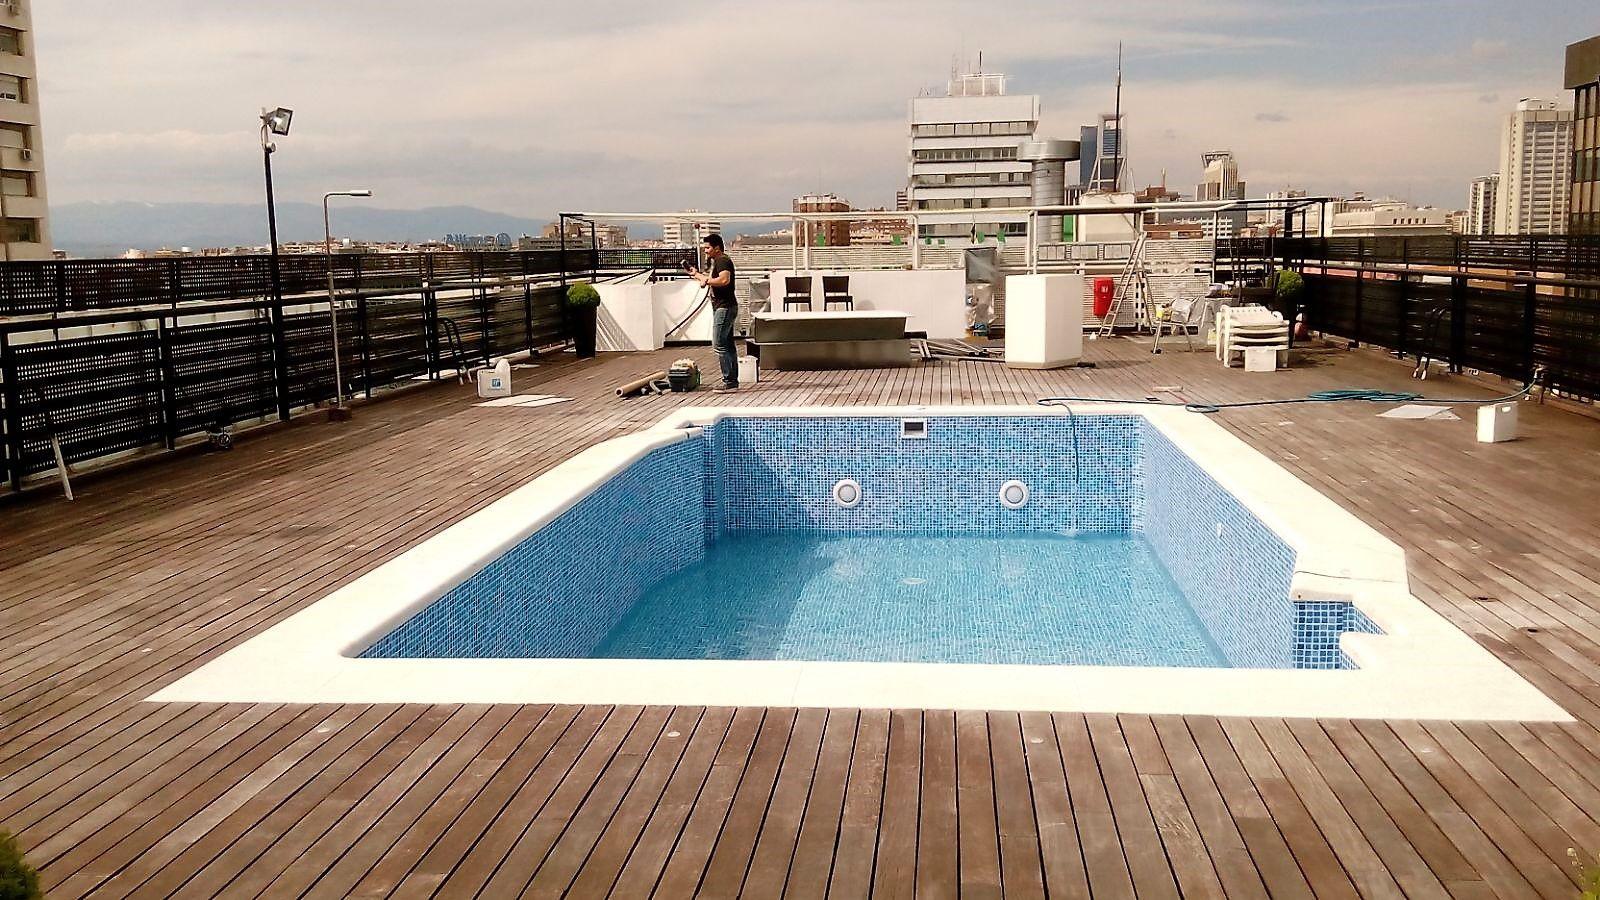 Piscinas de liner armado beautiful despues with piscinas de liner armado colocacion de liner - Liner para piscinas precio ...